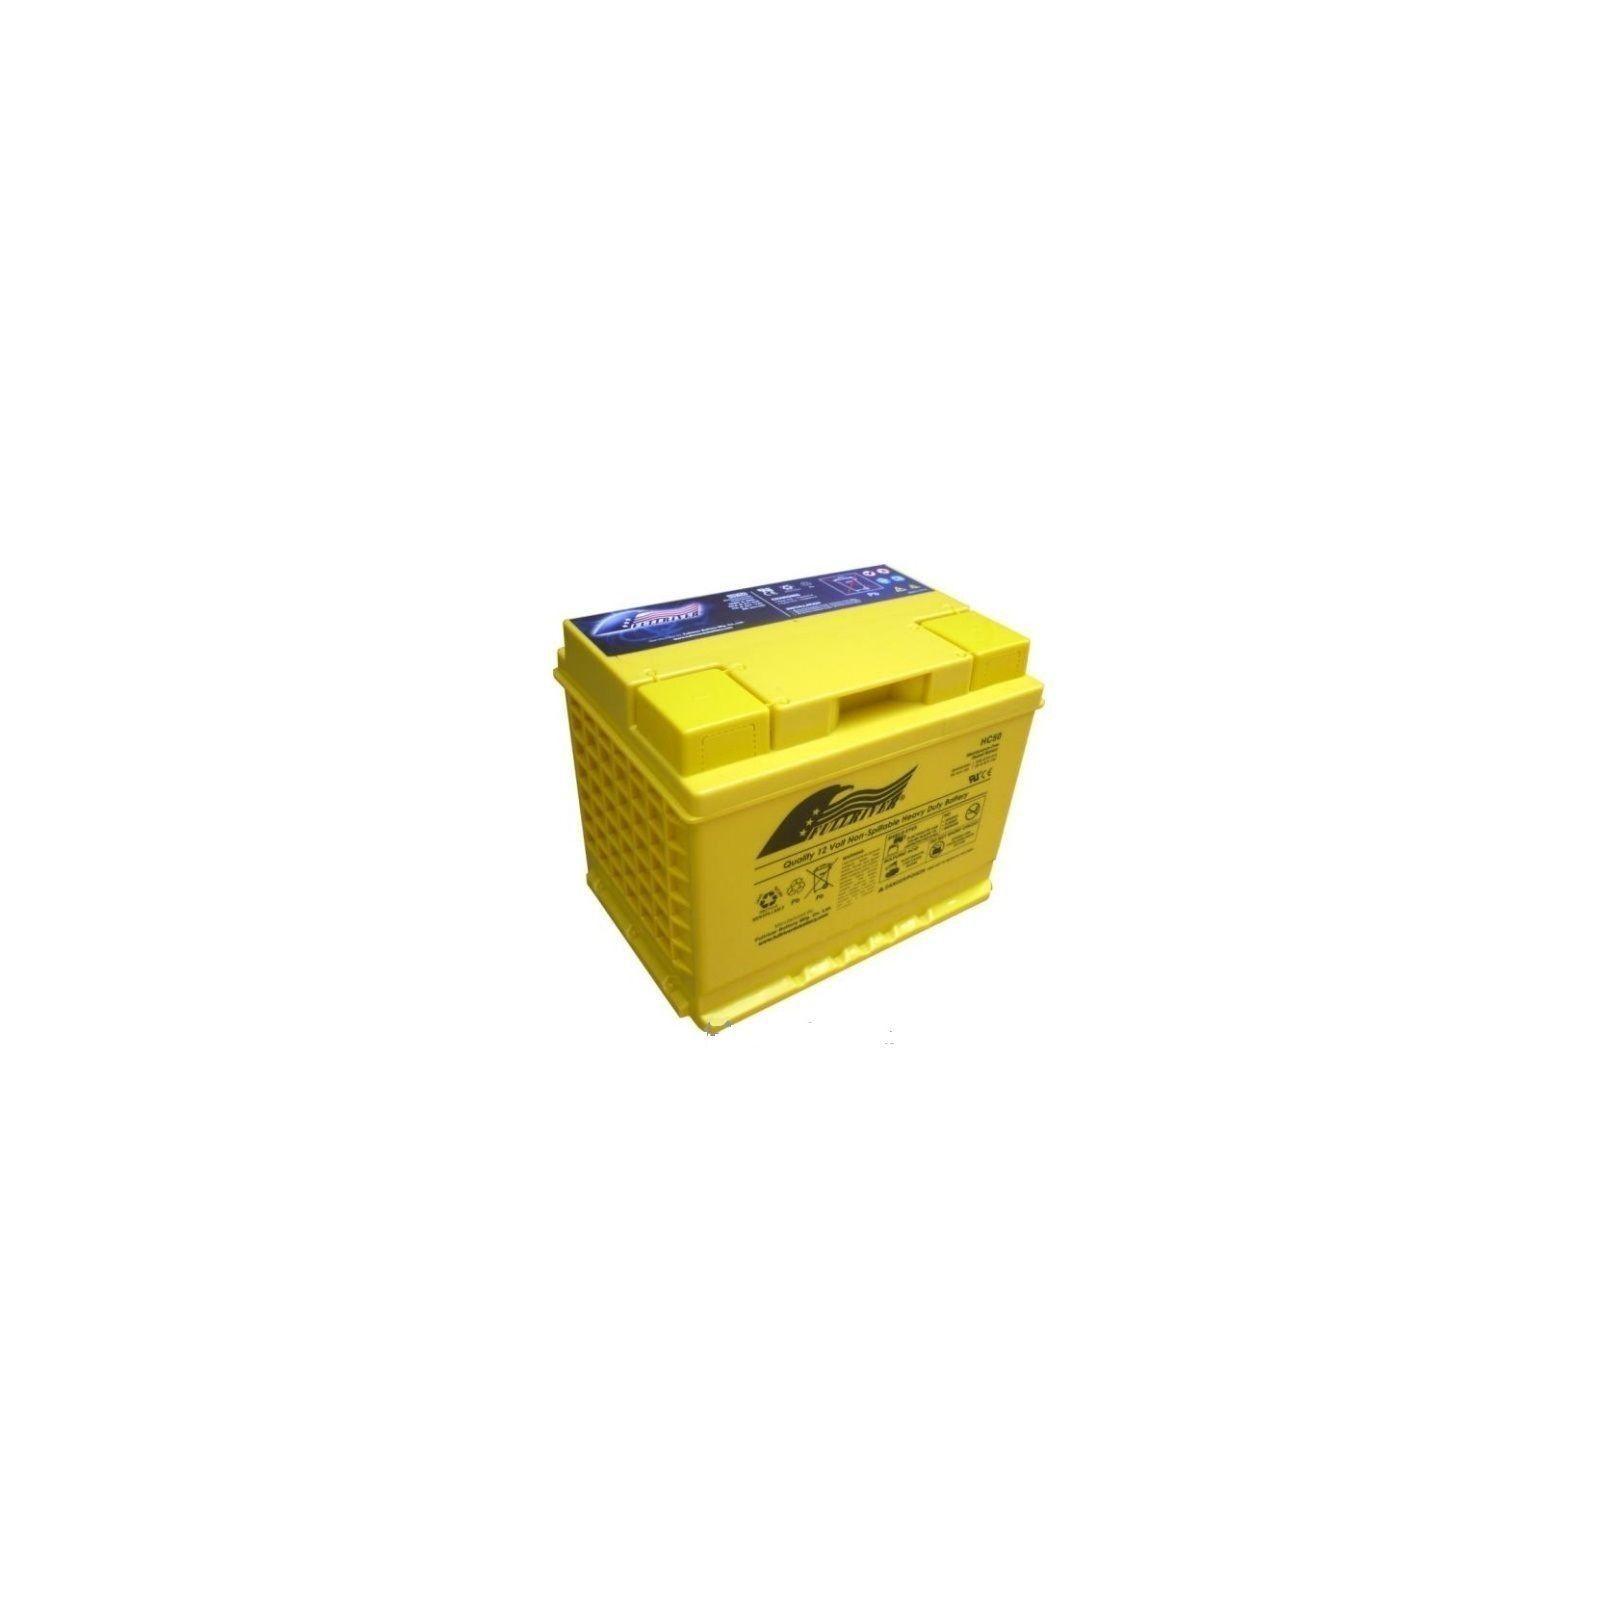 Batería Fullriver HC50 50Ah 560A 12V Hc FULLRIVER - 1